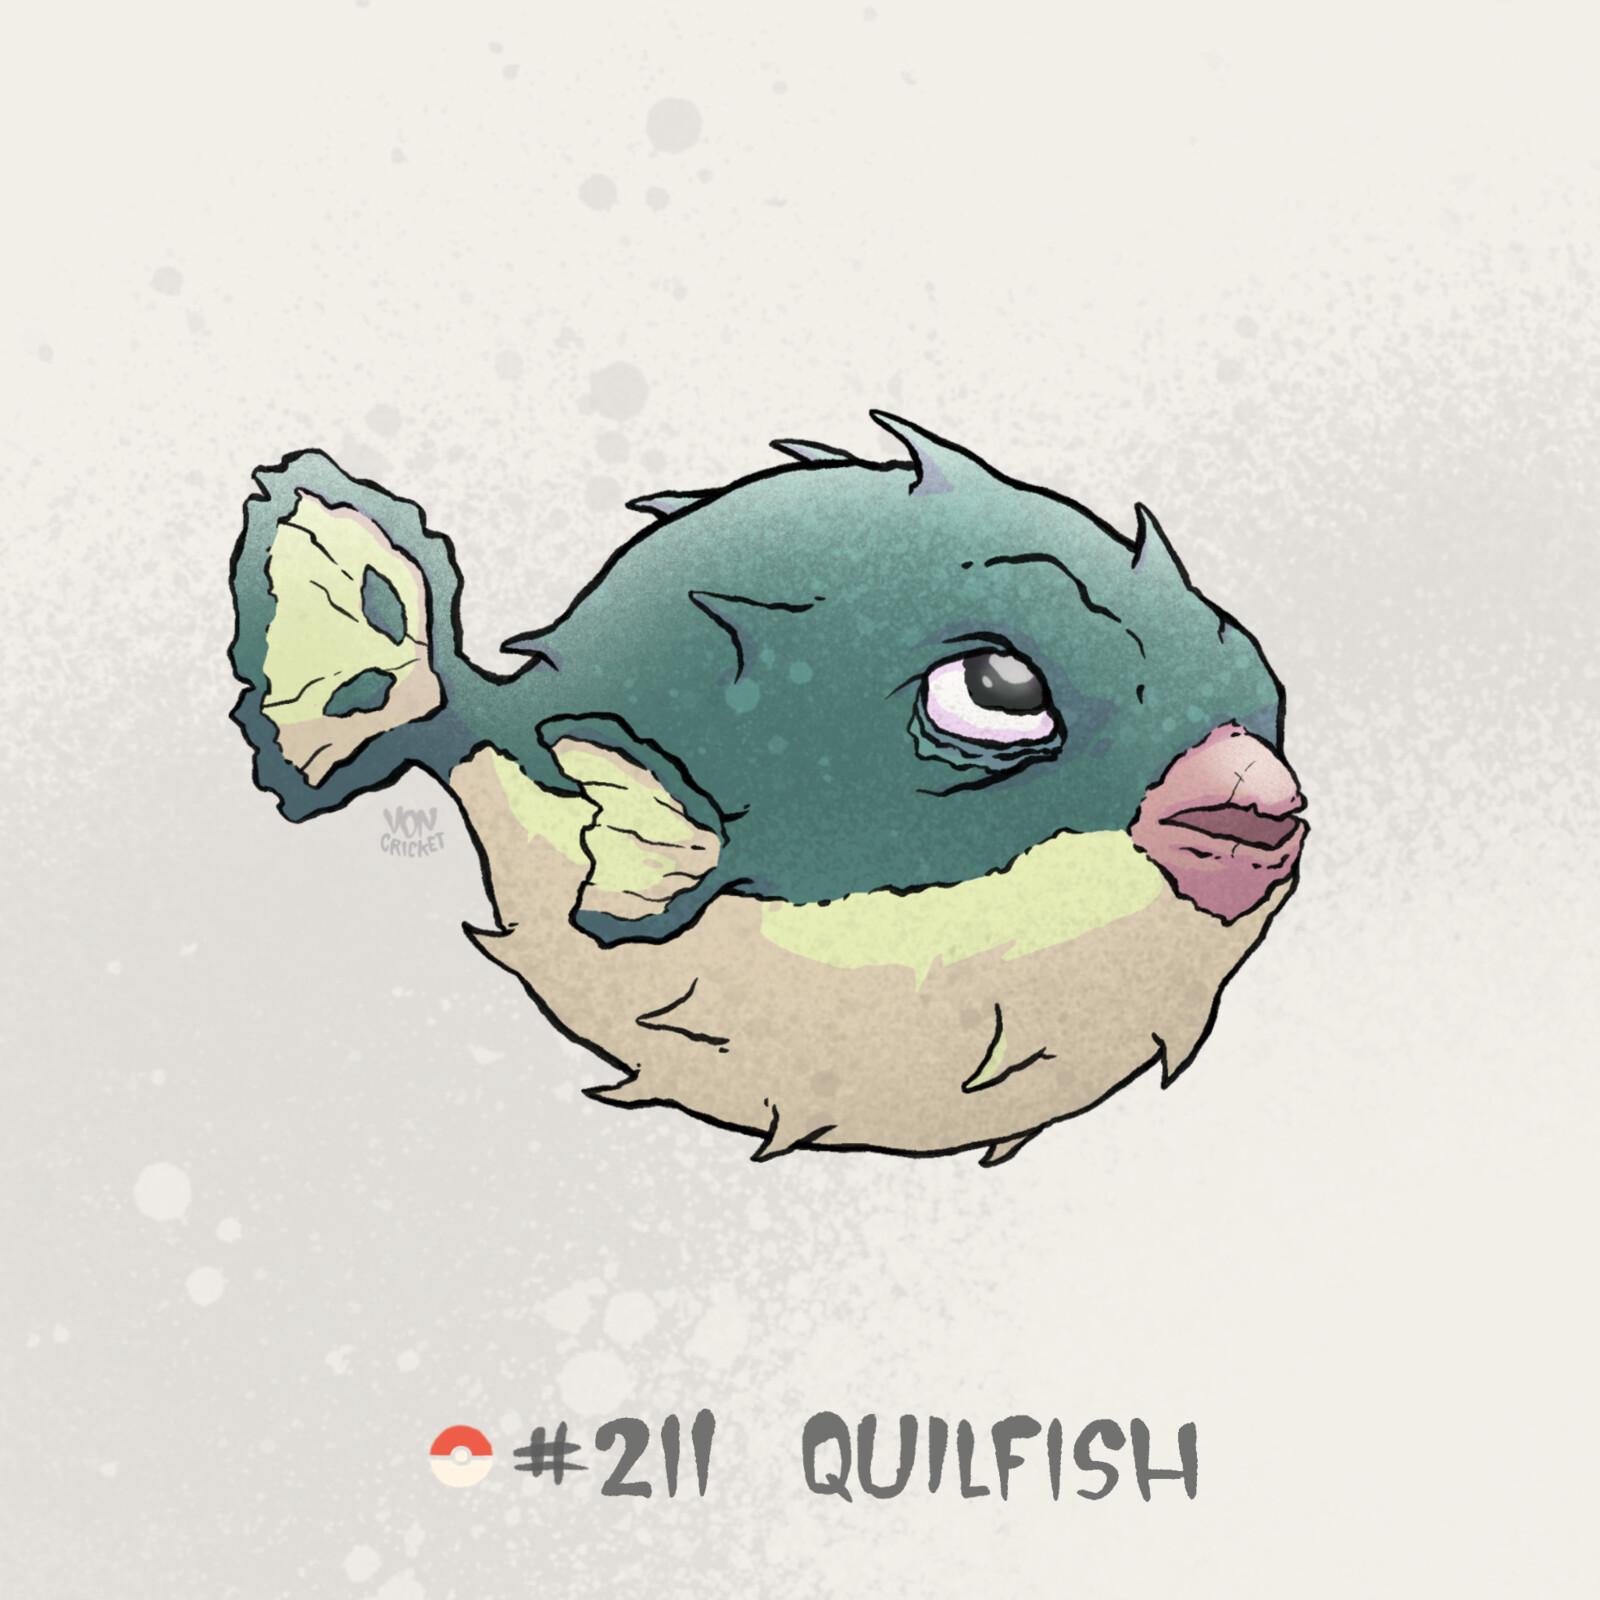 #211 Quilfish